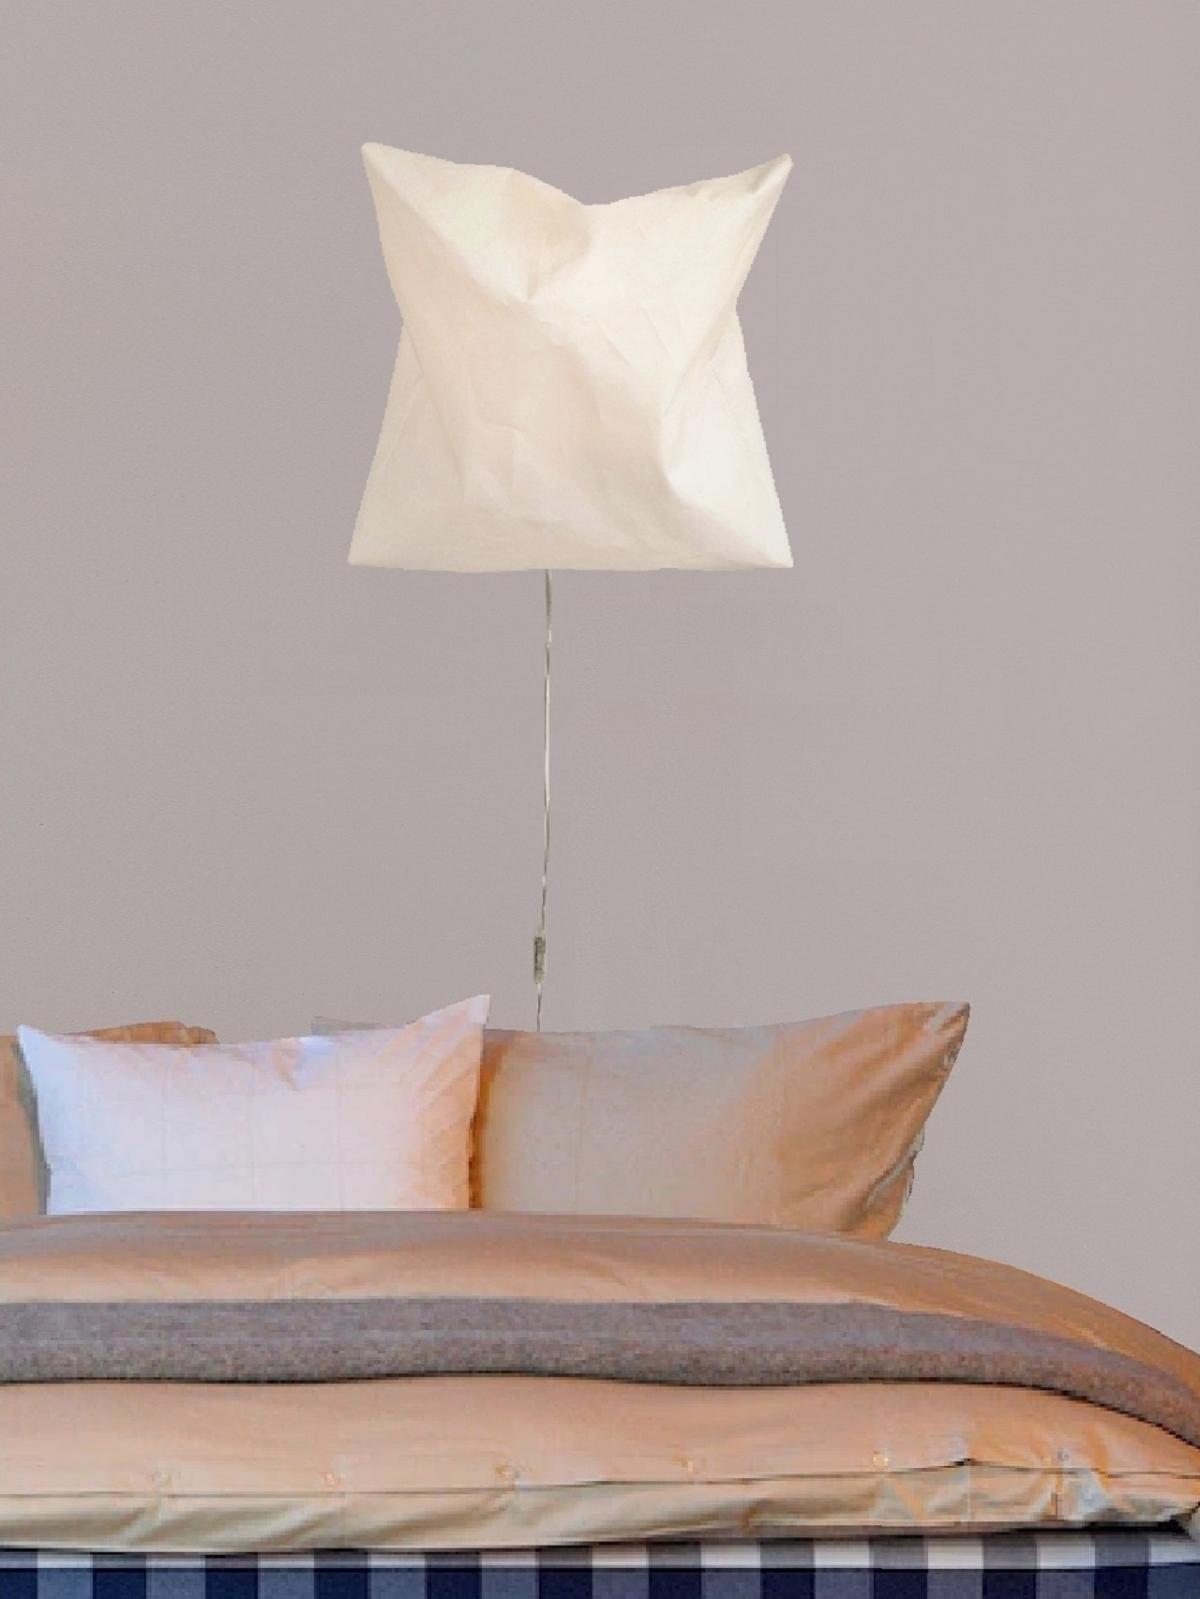 b4_væglampe-soveværelse-png